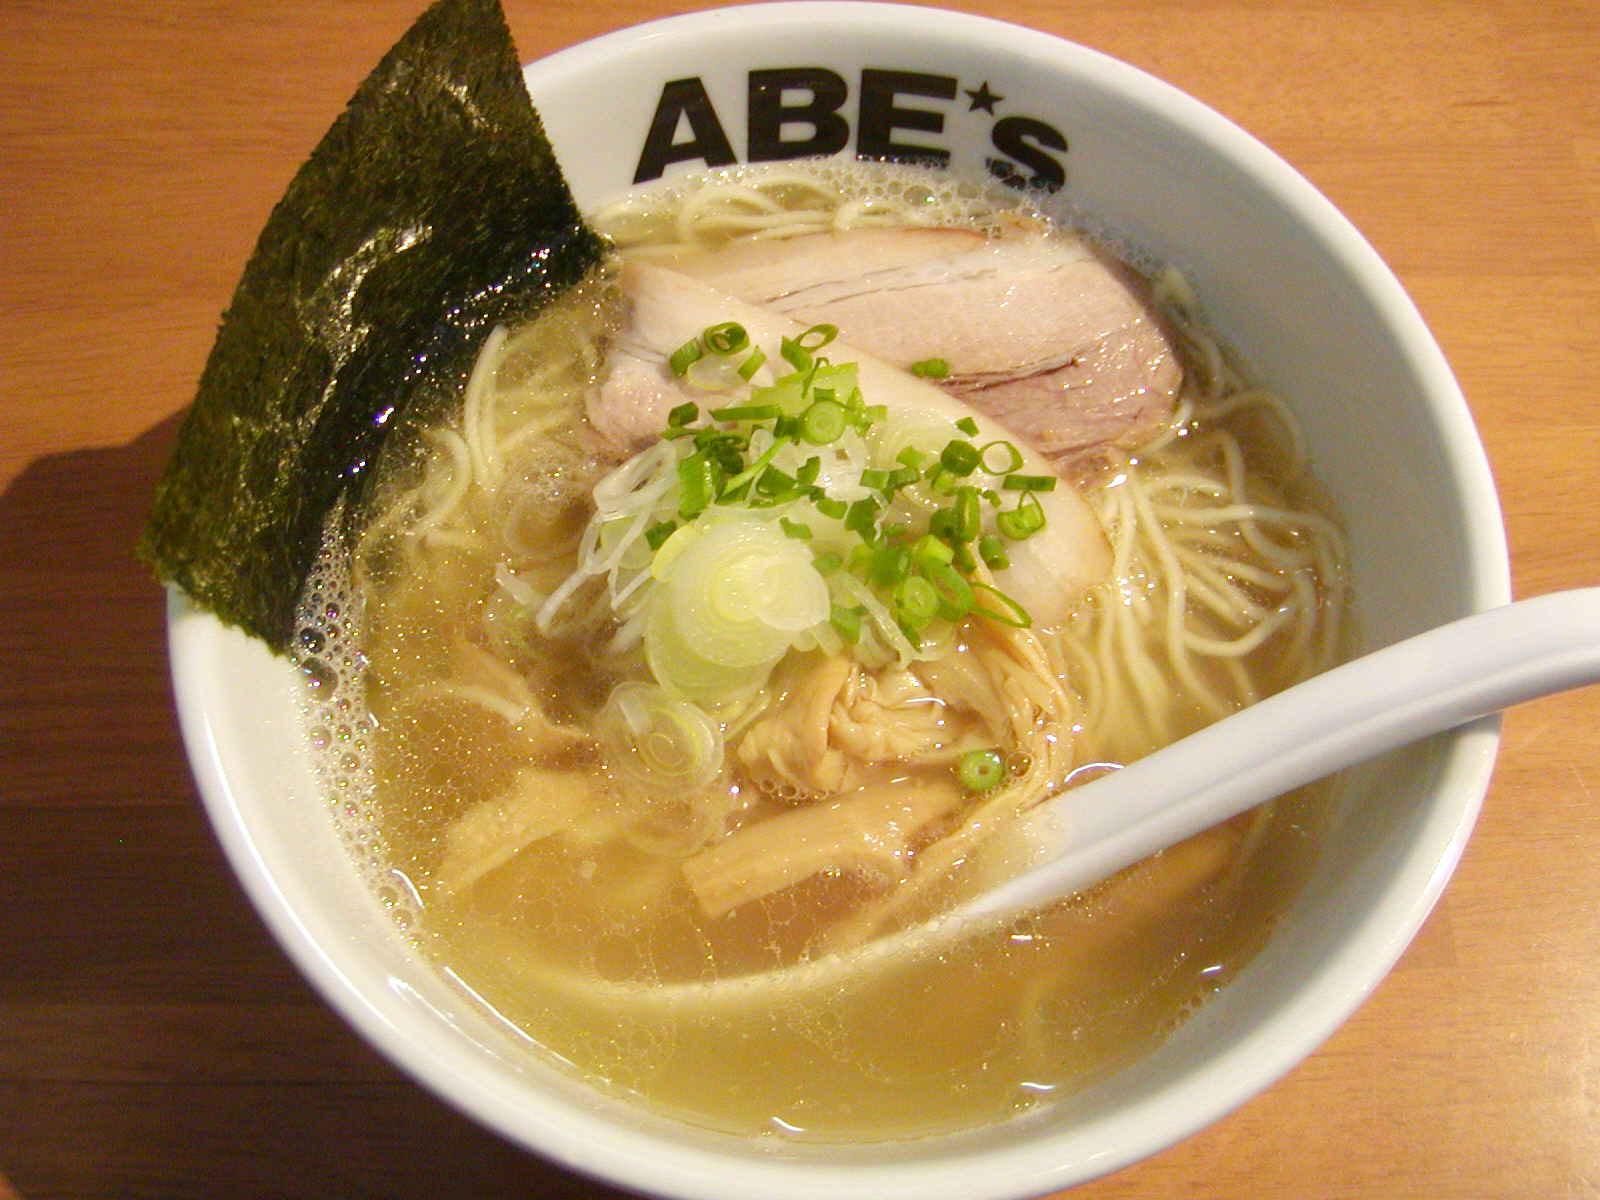 ラーメン  ABE's(アベズ)【煮干ラーメン・塩】 @静岡市葵区